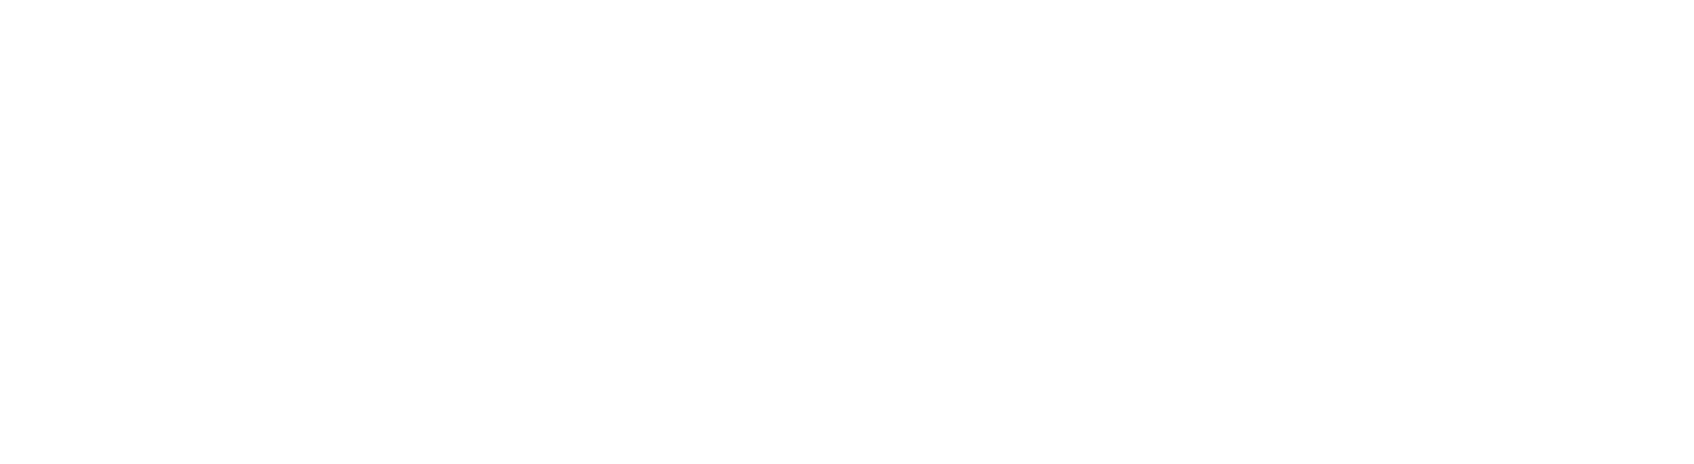 munck logo